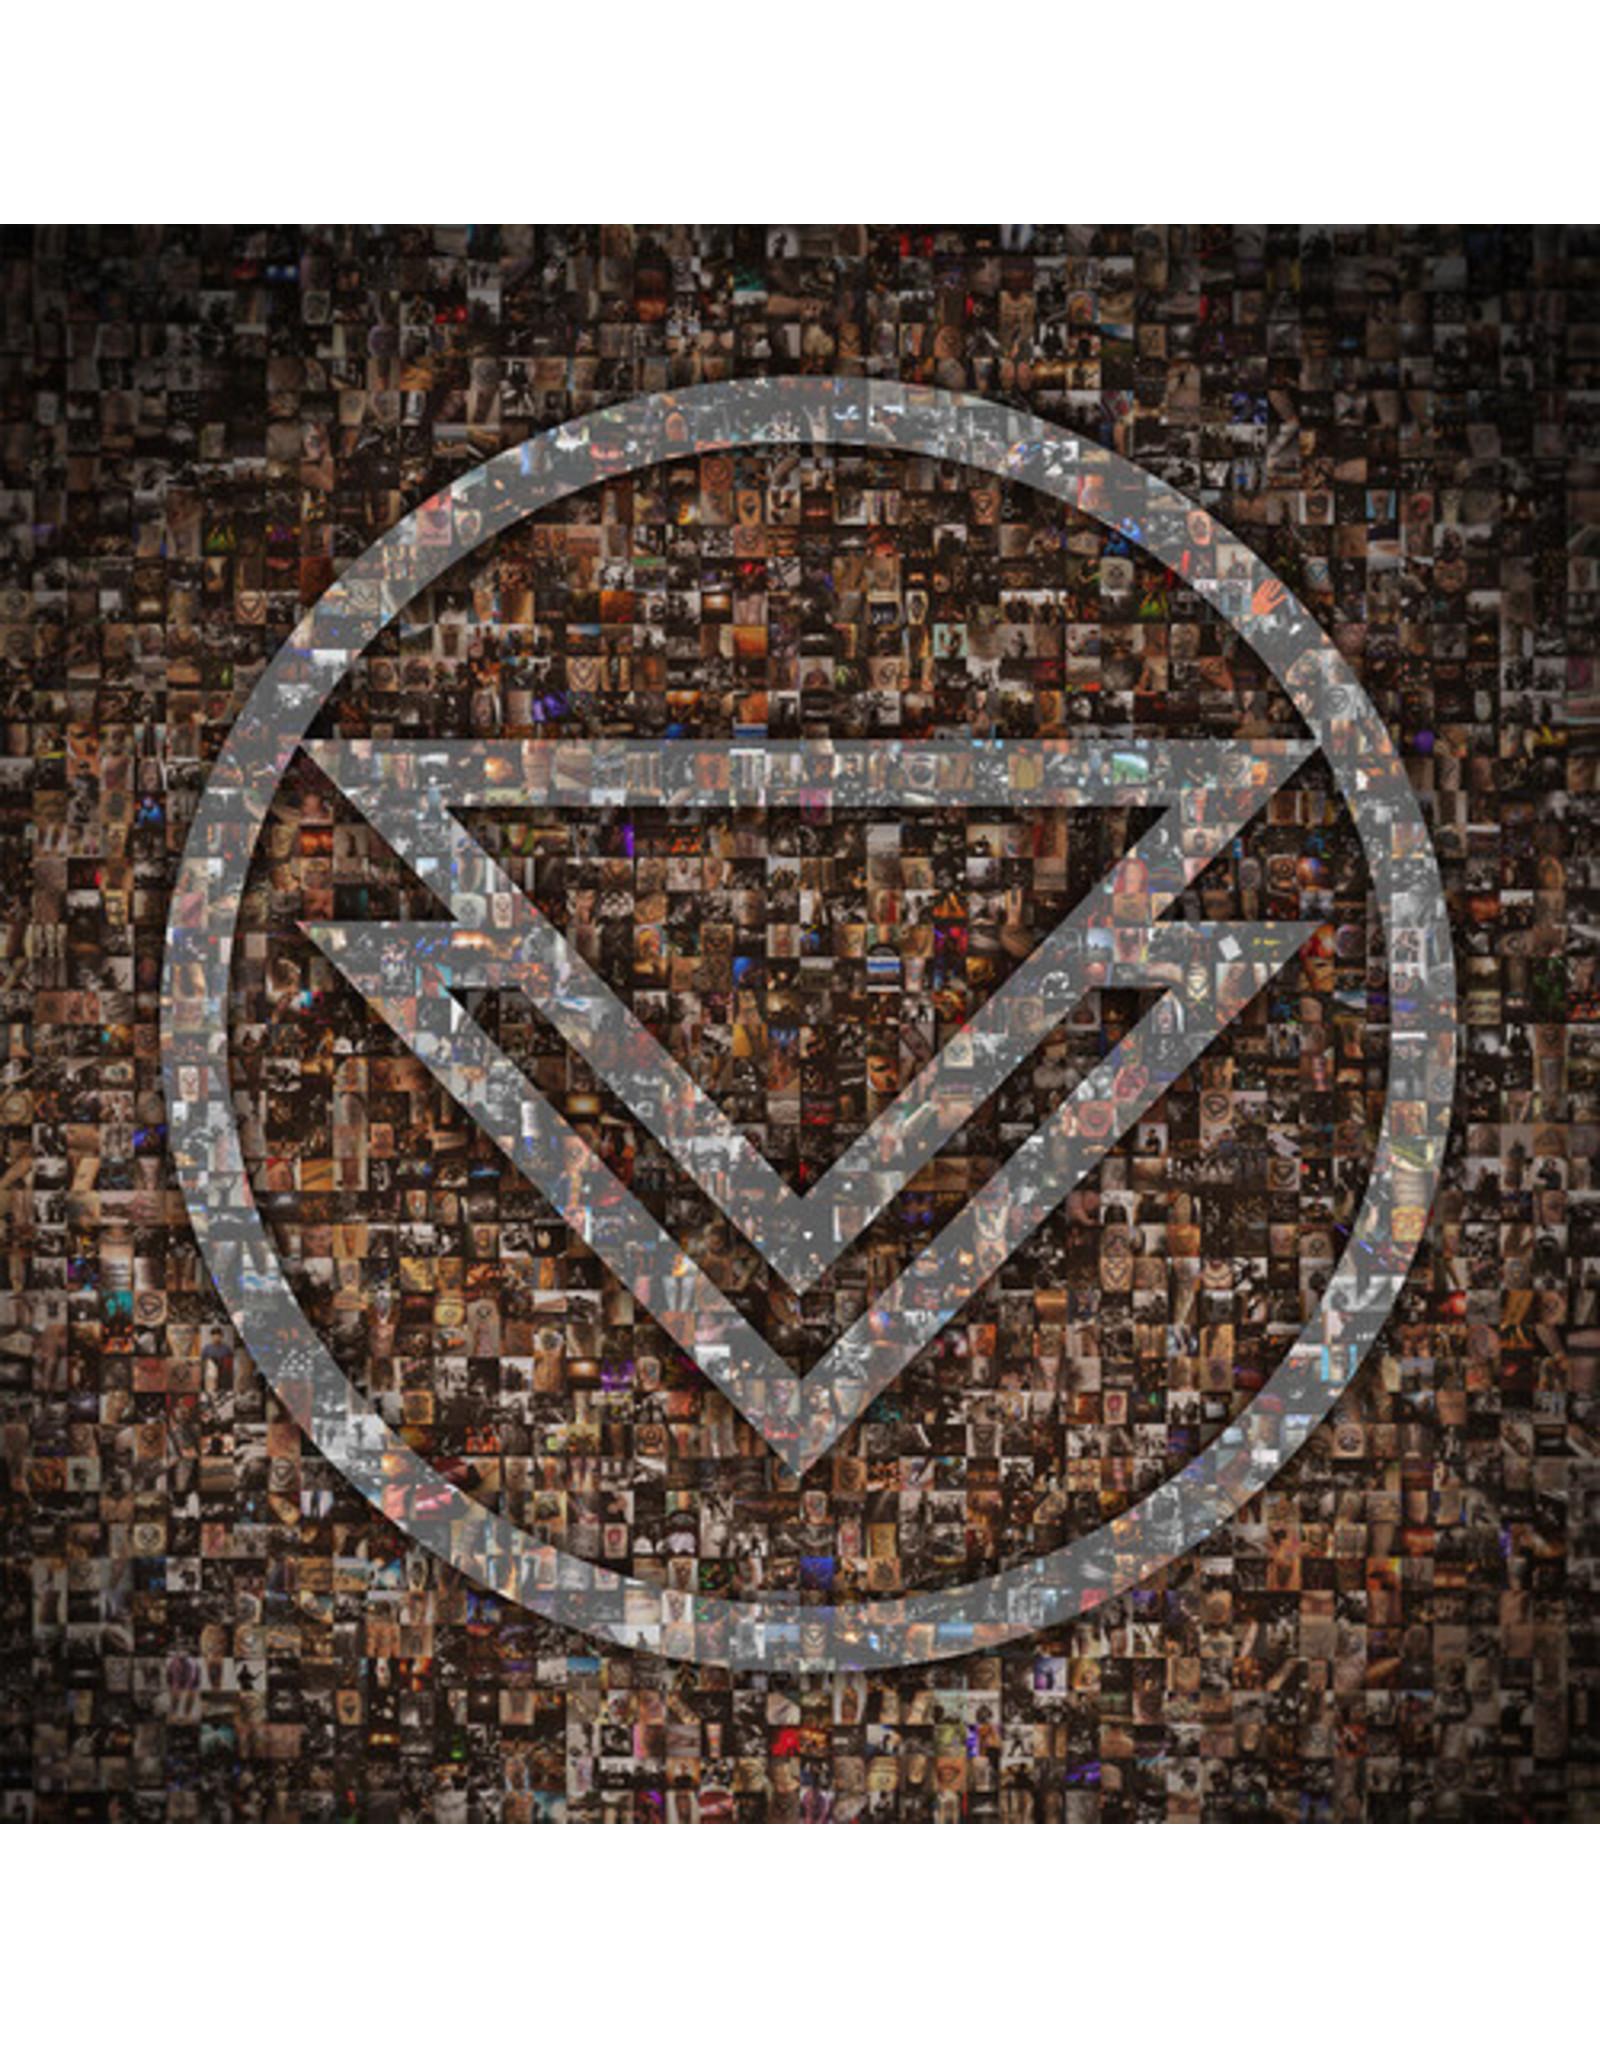 New Vinyl The Ghost Inside - S/T LP